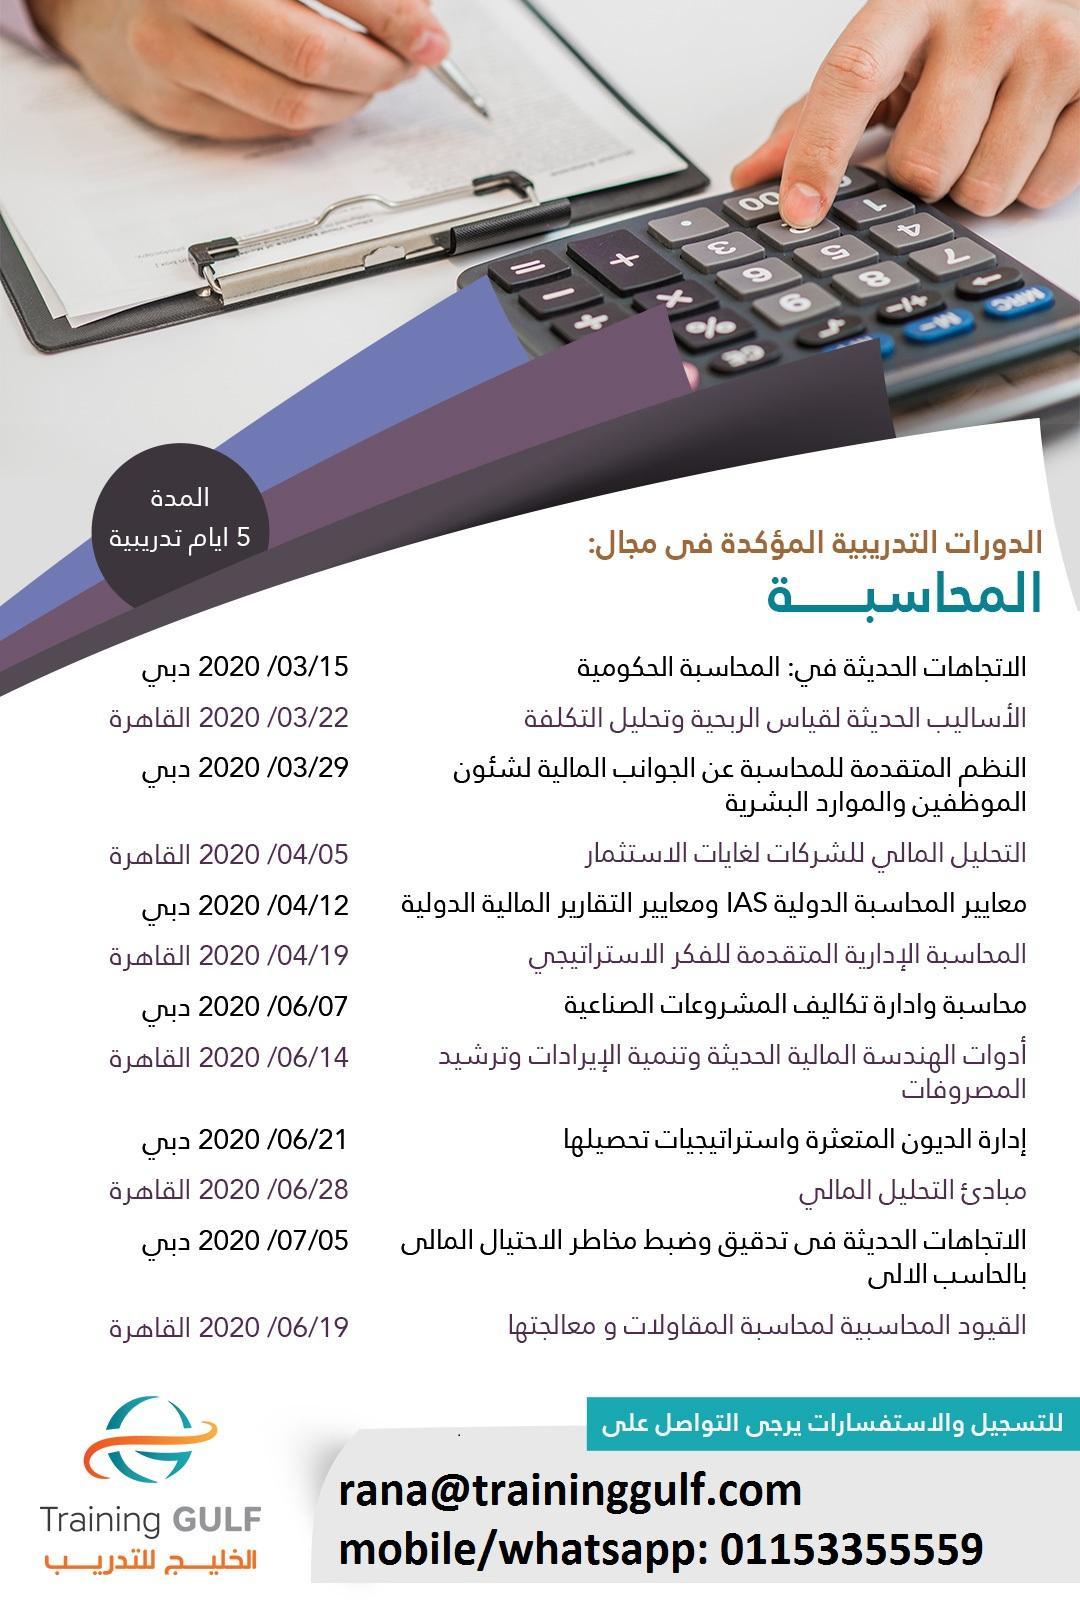 الخليج لدورات تدريبية المحاسبة